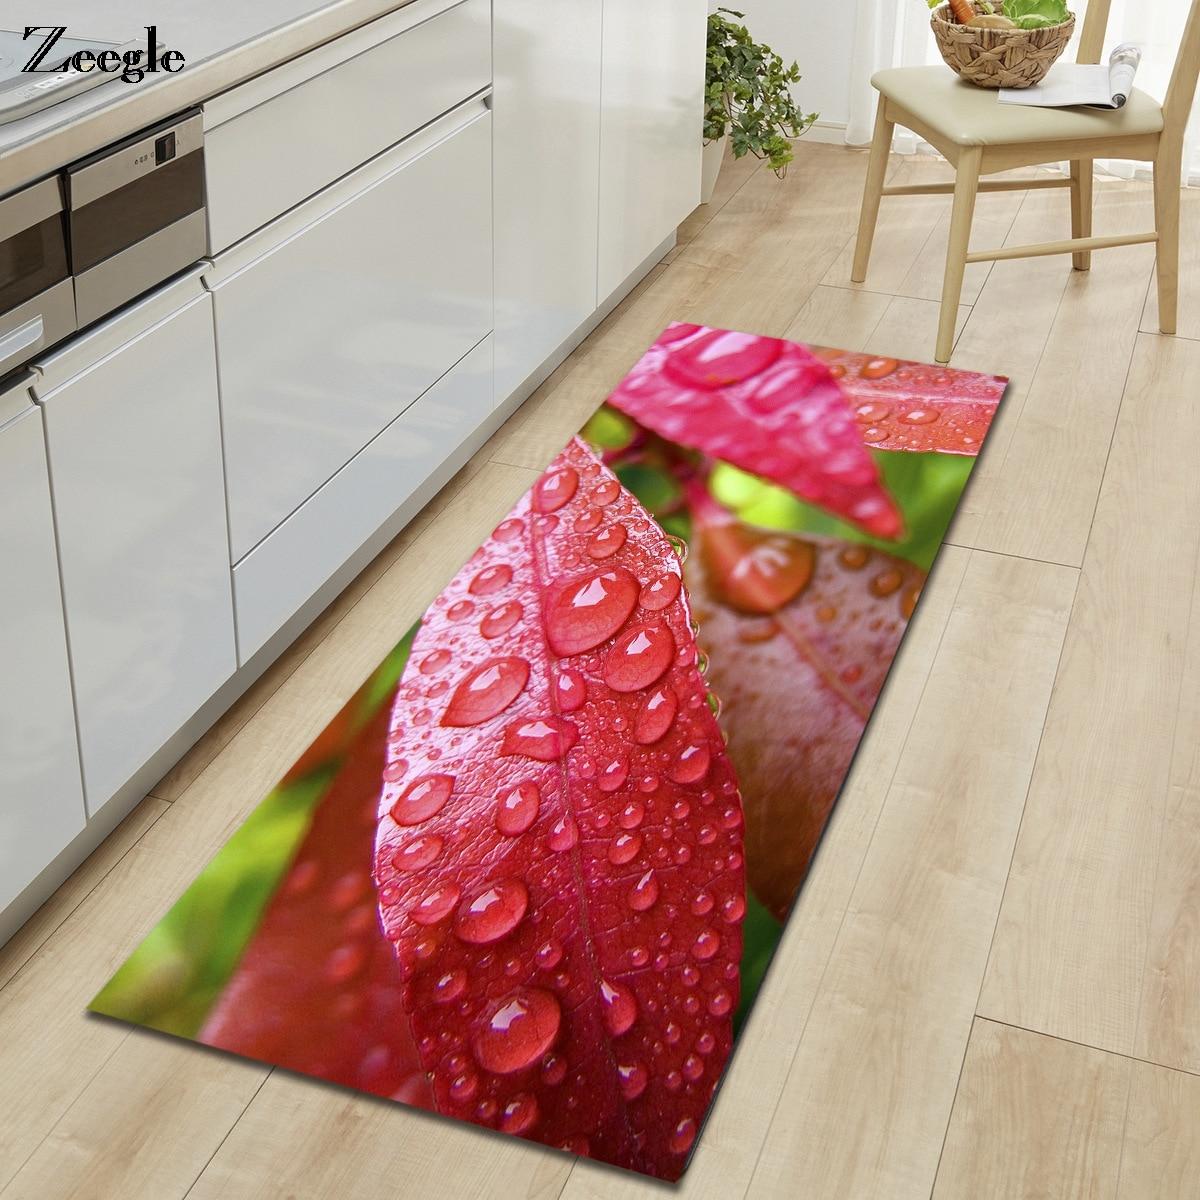 Alfombra Zeegle 3D para el suelo de la cocina, alfombra antideslizante para la sala de estar, dormitorio, Alfombra de cabecera, alfombrilla para el pie del baño, alfombra para la puerta del hogar